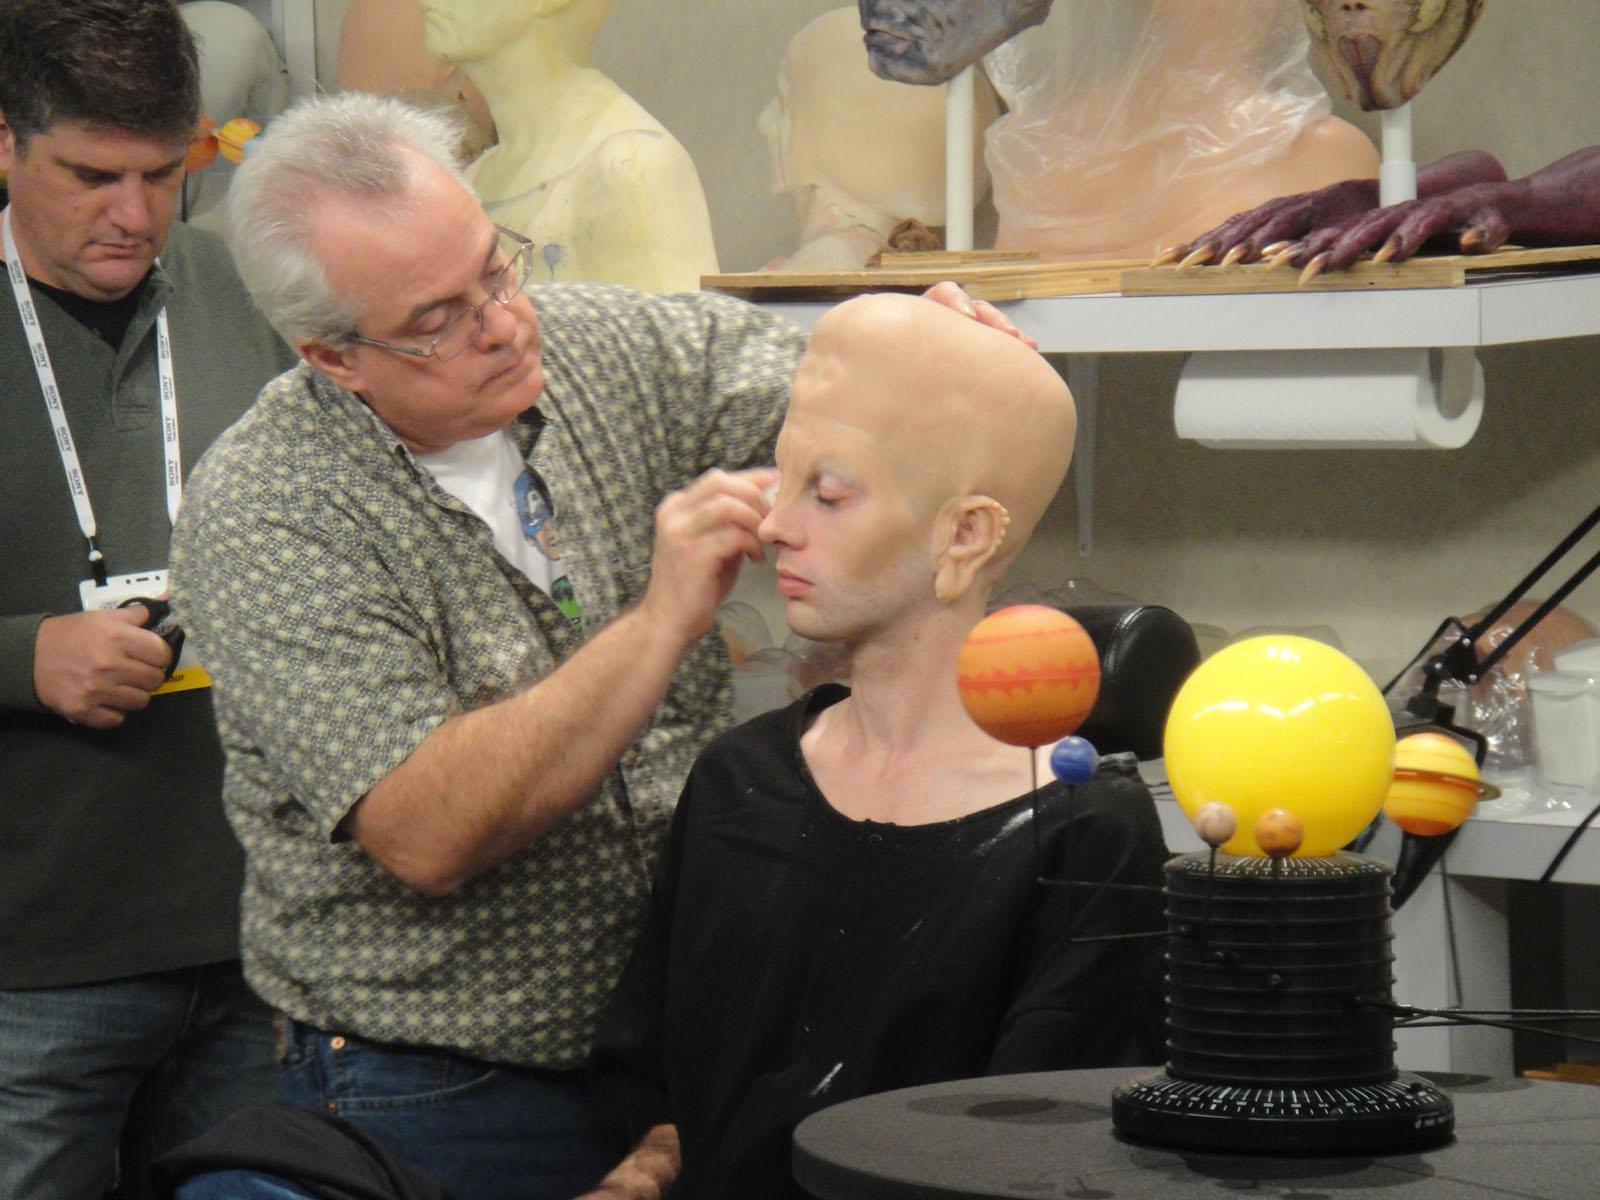 CES 2012 - Sony Men in Black 3 alien makeup demonstration (6937783429).jpg photo 2012 Pop Culture Geek taken by Doug Kline If you're interested in